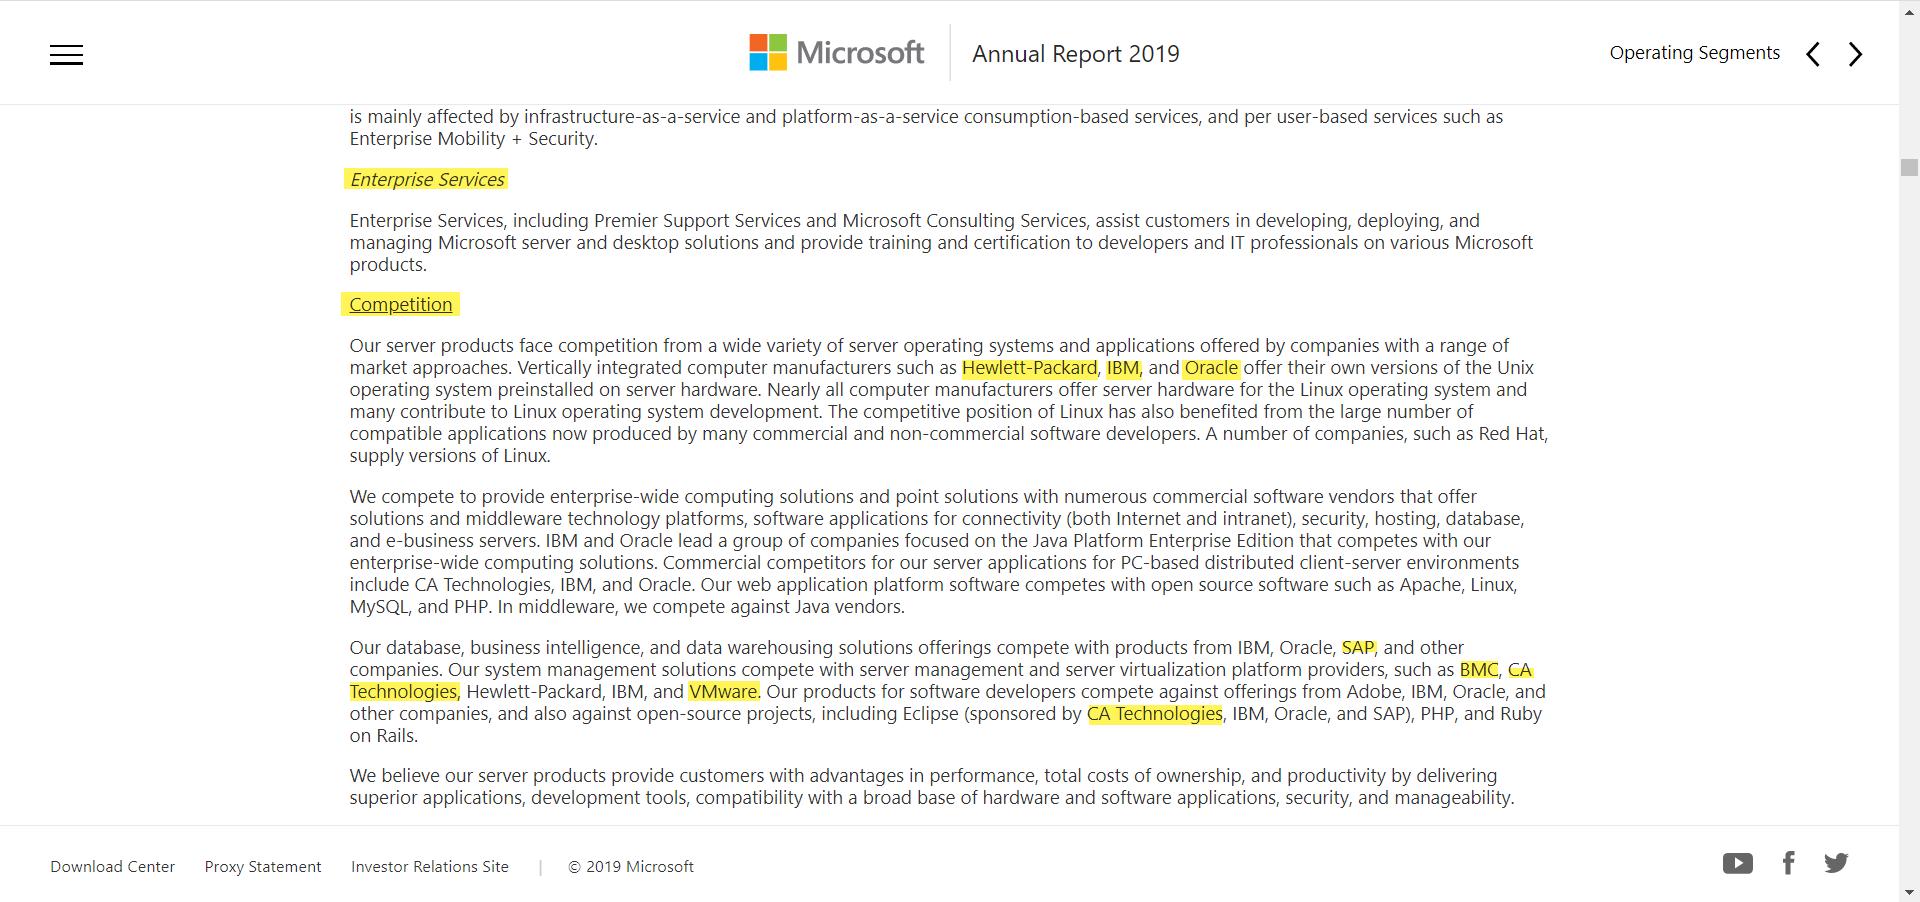 Microsoft Enterprise Competitors